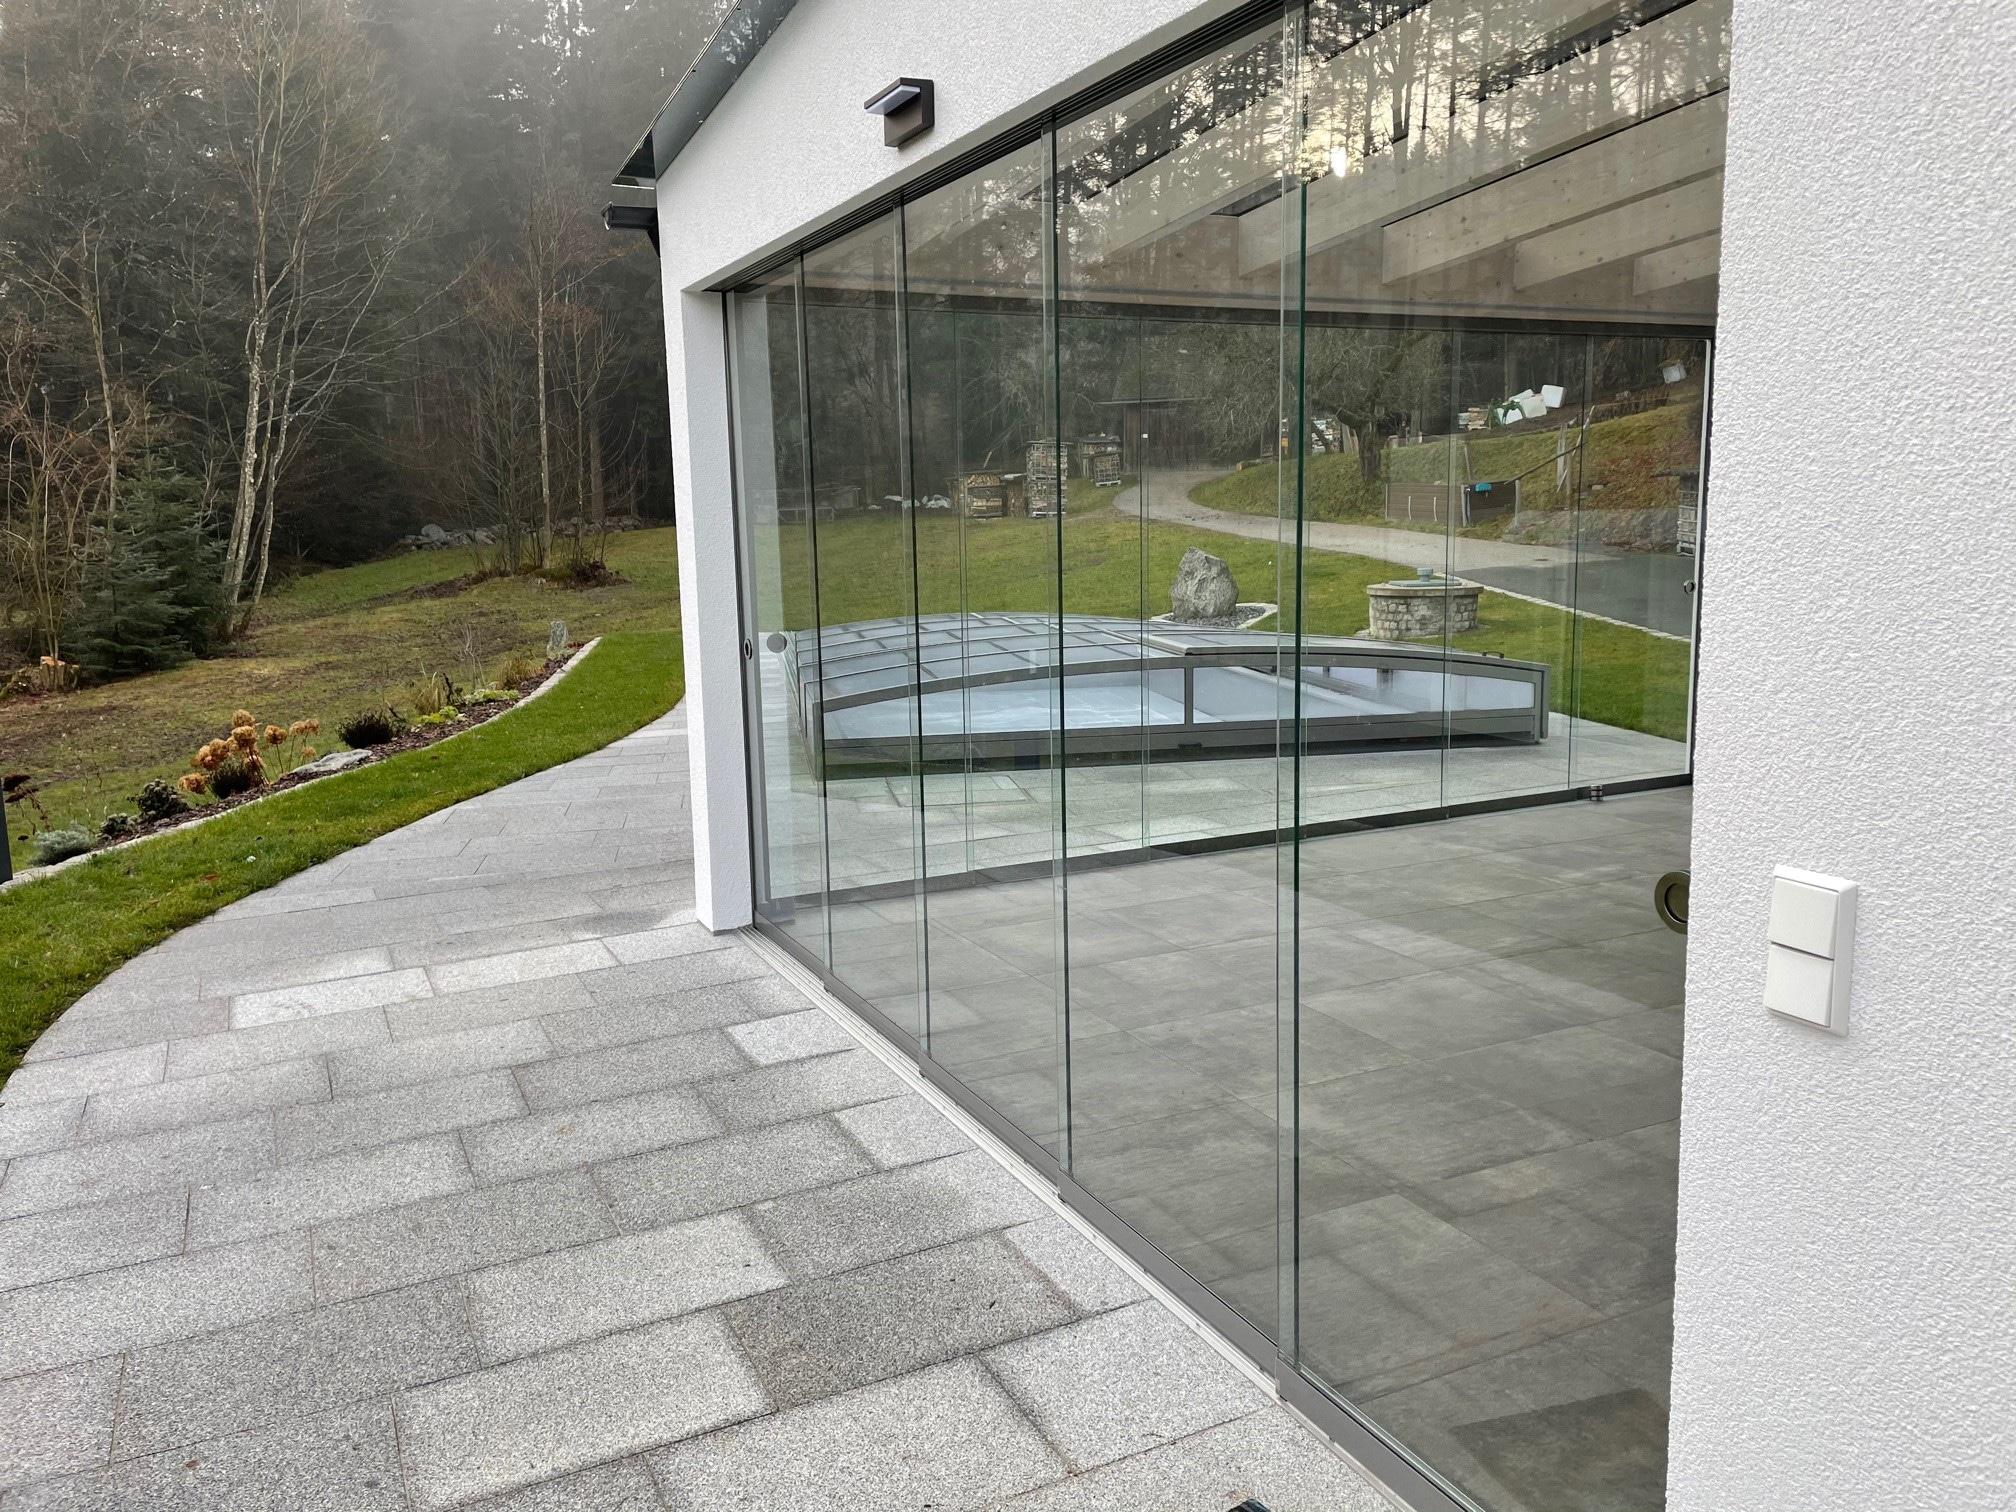 Überdachte Terrasse mit Seitenwänden schließen